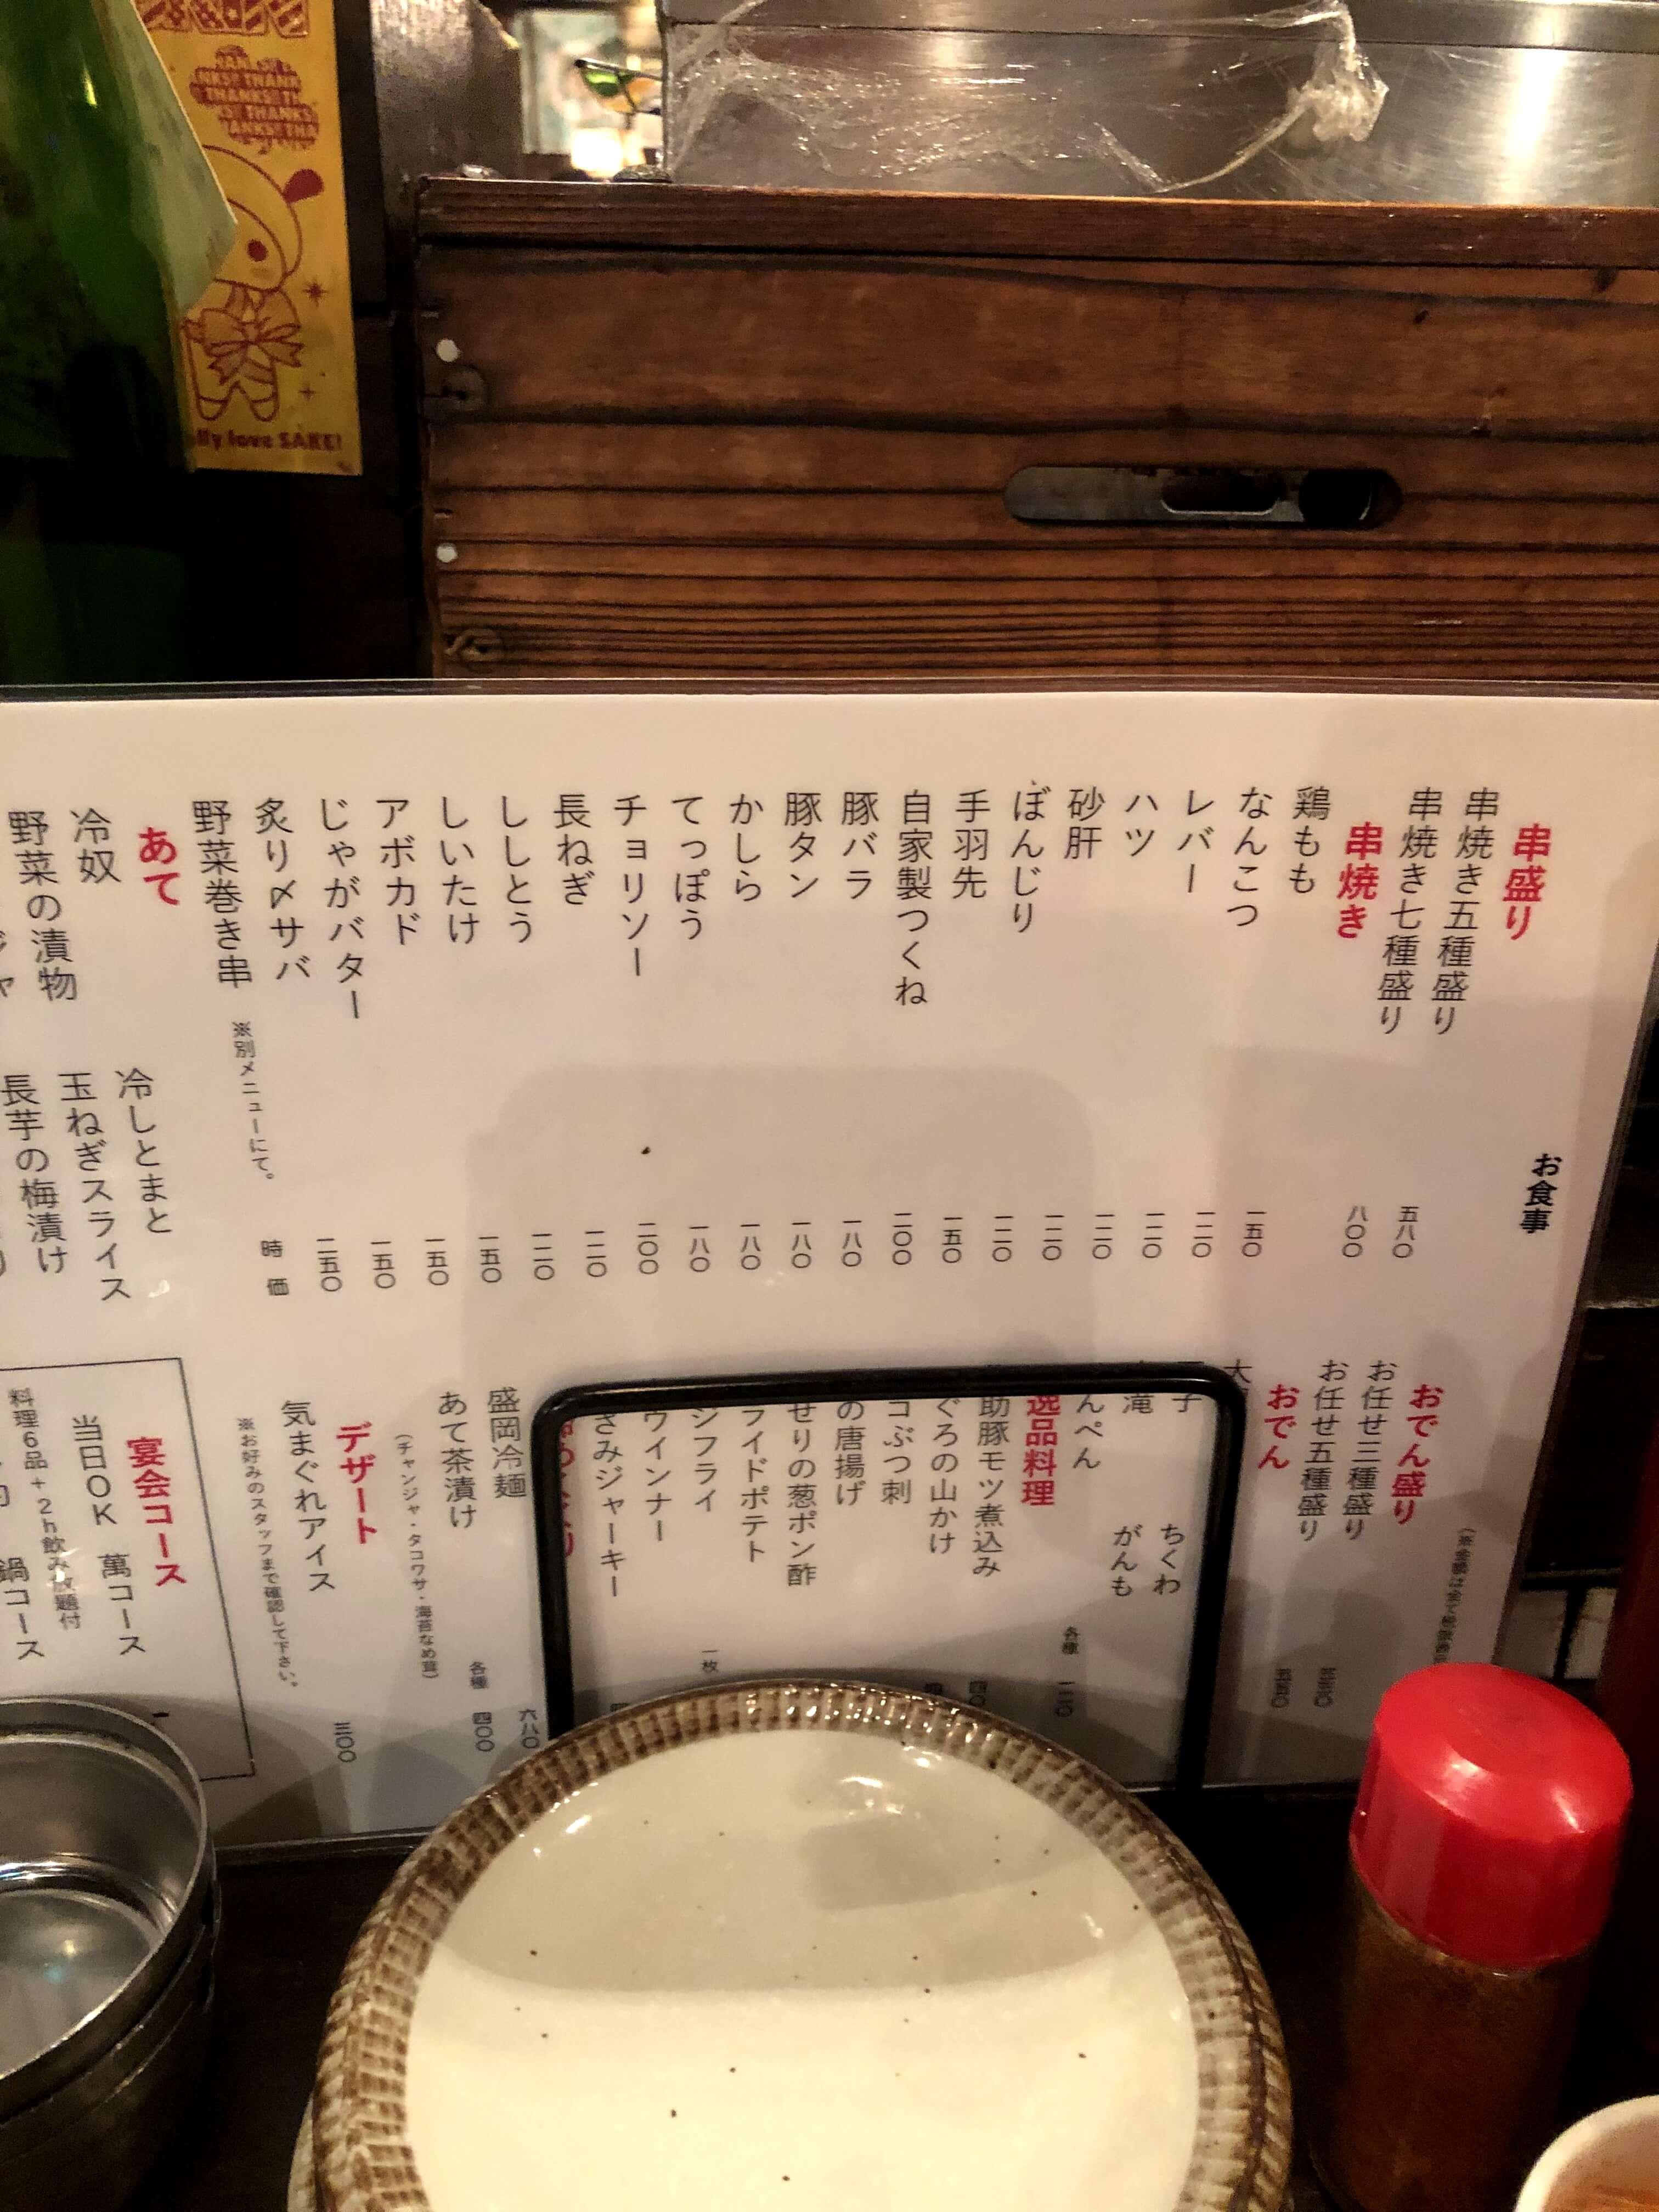 盛岡・串焼き屋「萬(YOROZU)」のメニュー